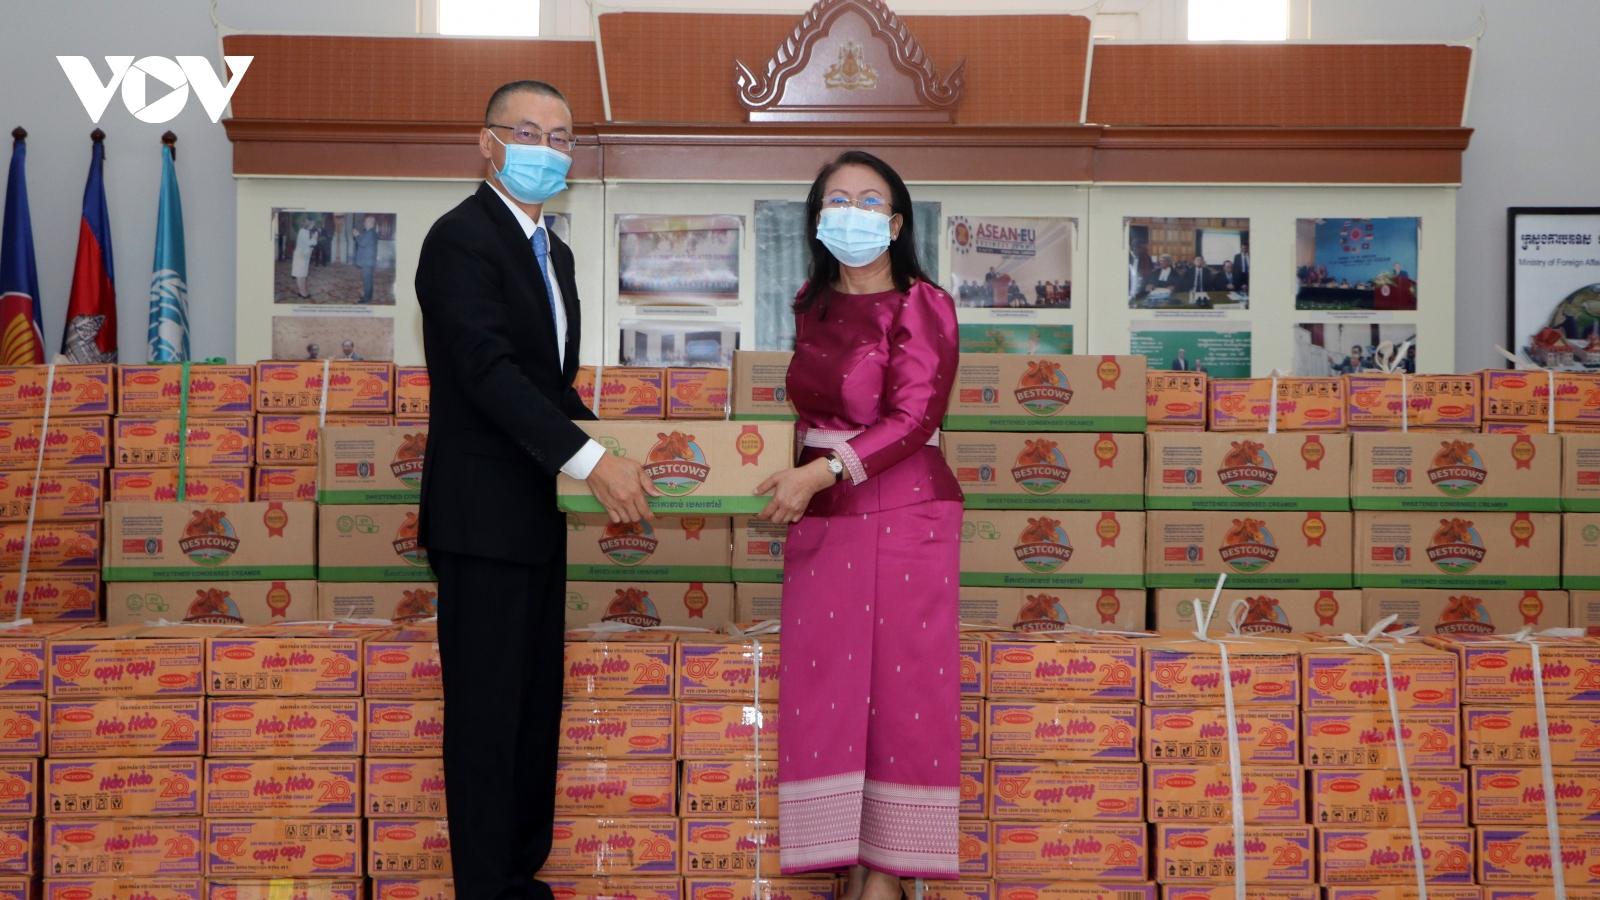 Đại sứ quán Việt Nam trao tặng quà cứu trợ nhân dân Campuchia bị ảnh hưởng của lũ lụt